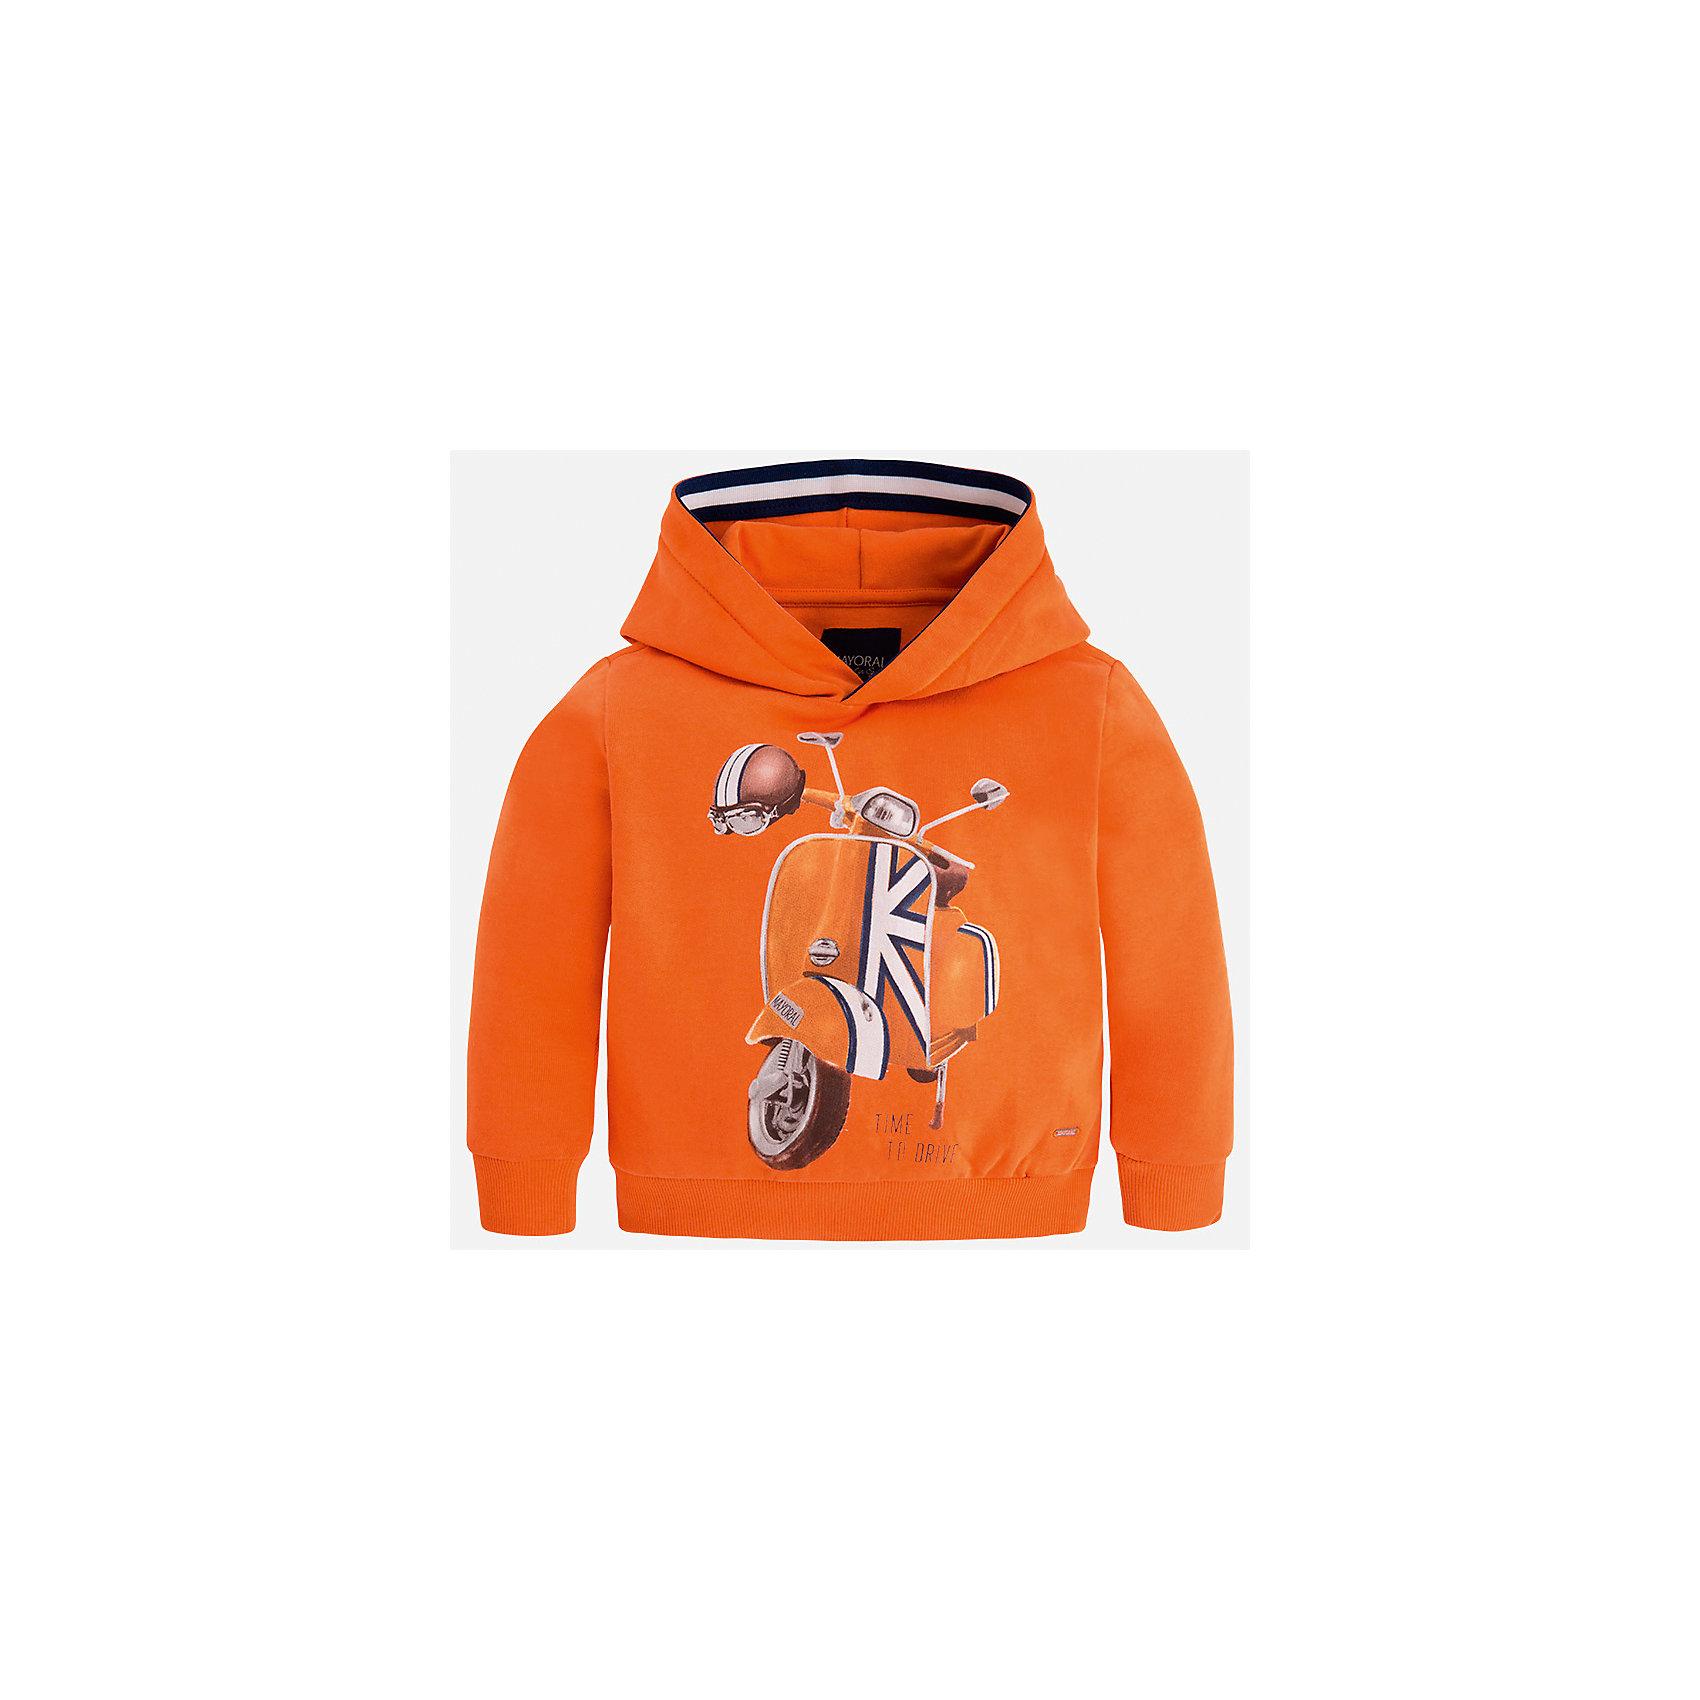 Толстовка Mayoral для мальчикаТолстовки<br>Характеристики товара:<br><br>• цвет: оранжевый<br>• состав ткани: 100% хлопок<br>• сезон: демисезон<br>• особенности модели: капюшон<br>• карманы<br>• длинные рукава<br>• страна бренда: Испания<br>• страна изготовитель: Индия<br><br>Толстовка для мальчика от Майорал поможет обеспечить ребенку комфорт и тепло. Детская толстовка с капюшоном отличается модным и продуманным дизайном. В толстовке для мальчика от испанской компании Майорал ребенок будет выглядеть модно, а чувствовать себя - комфортно. <br><br>Толстовку для мальчика Mayoral (Майорал) можно купить в нашем интернет-магазине.<br><br>Ширина мм: 230<br>Глубина мм: 40<br>Высота мм: 220<br>Вес г: 250<br>Цвет: бежевый<br>Возраст от месяцев: 96<br>Возраст до месяцев: 108<br>Пол: Мужской<br>Возраст: Детский<br>Размер: 134,92,98,104,110,116,122,128<br>SKU: 6934396